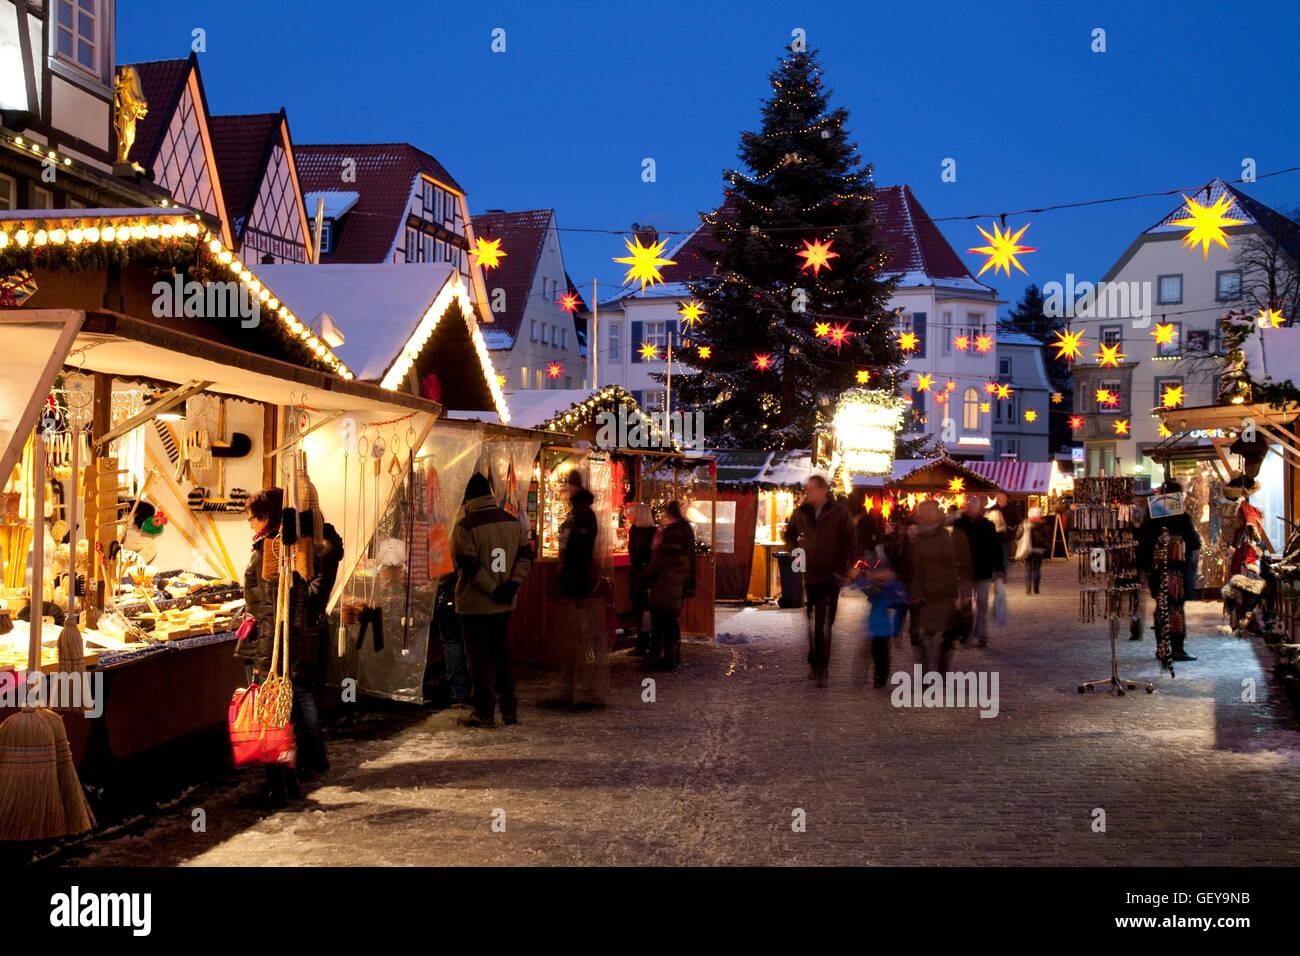 Soest Weihnachtsmarkt.Weihnachtsmarkt Soest Stockfoto Bild 112467751 Alamy